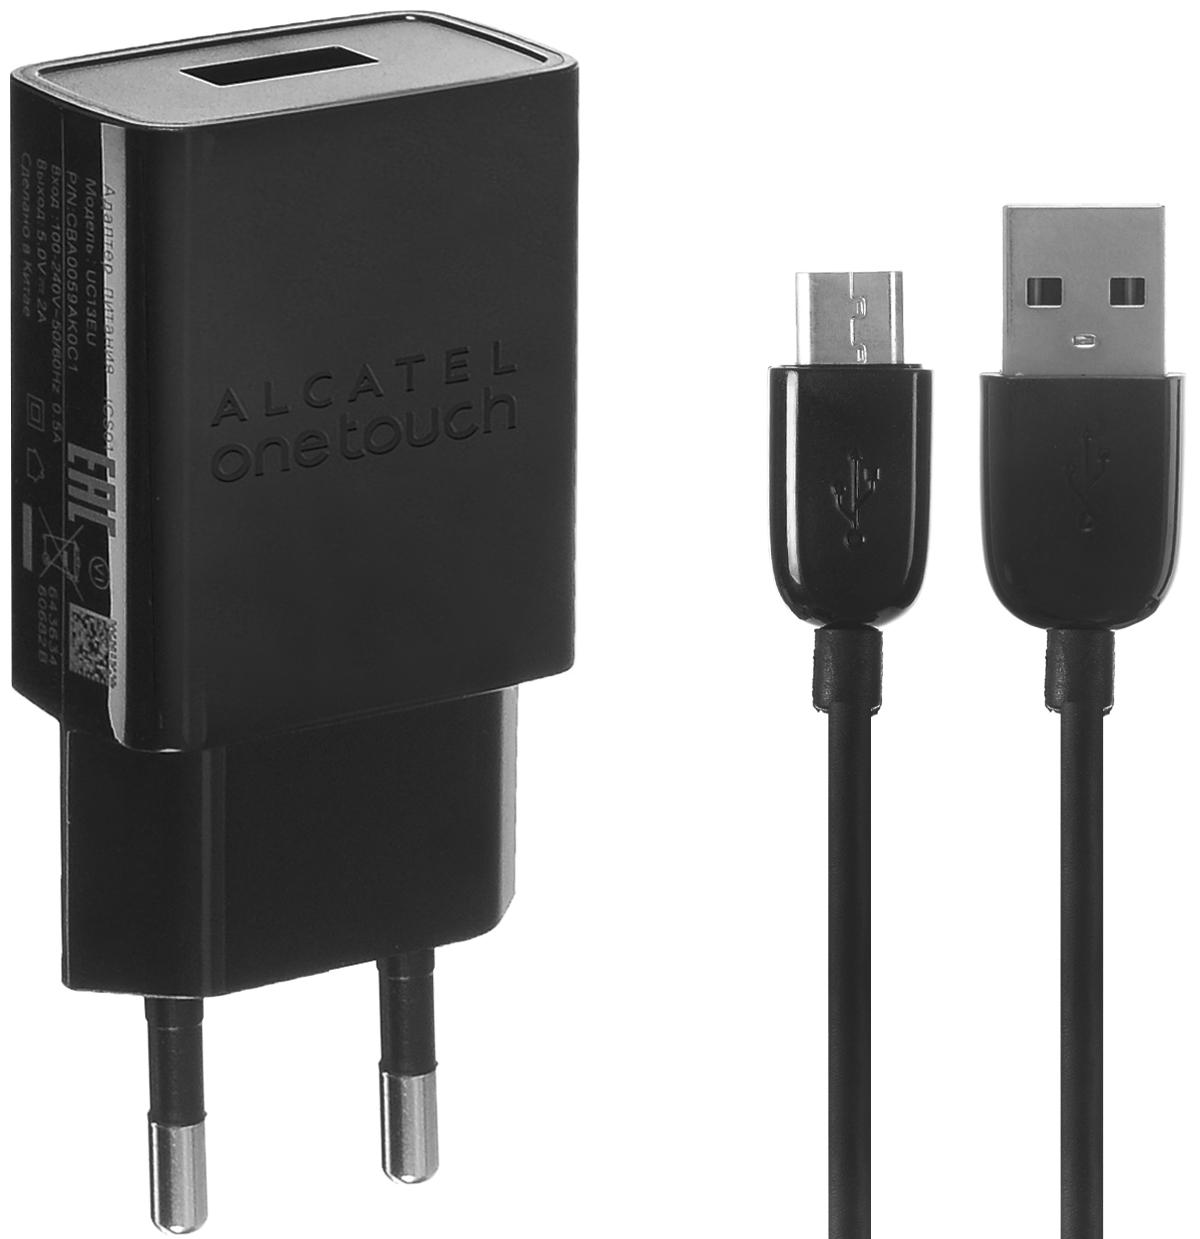 Alcatel UC13-2AALRU1, Black сетевое зарядное устройствоUC13-2AALRU1Сетевое зарядное устройство Alcatel UC13-2AALRU1 предназначено для зарядки и питания мобильного устройства от бытовой сети переменного тока. Вы можете заряжать любые устройства, совместимые с выходным током зарядки до 2А и напряжением 5В.